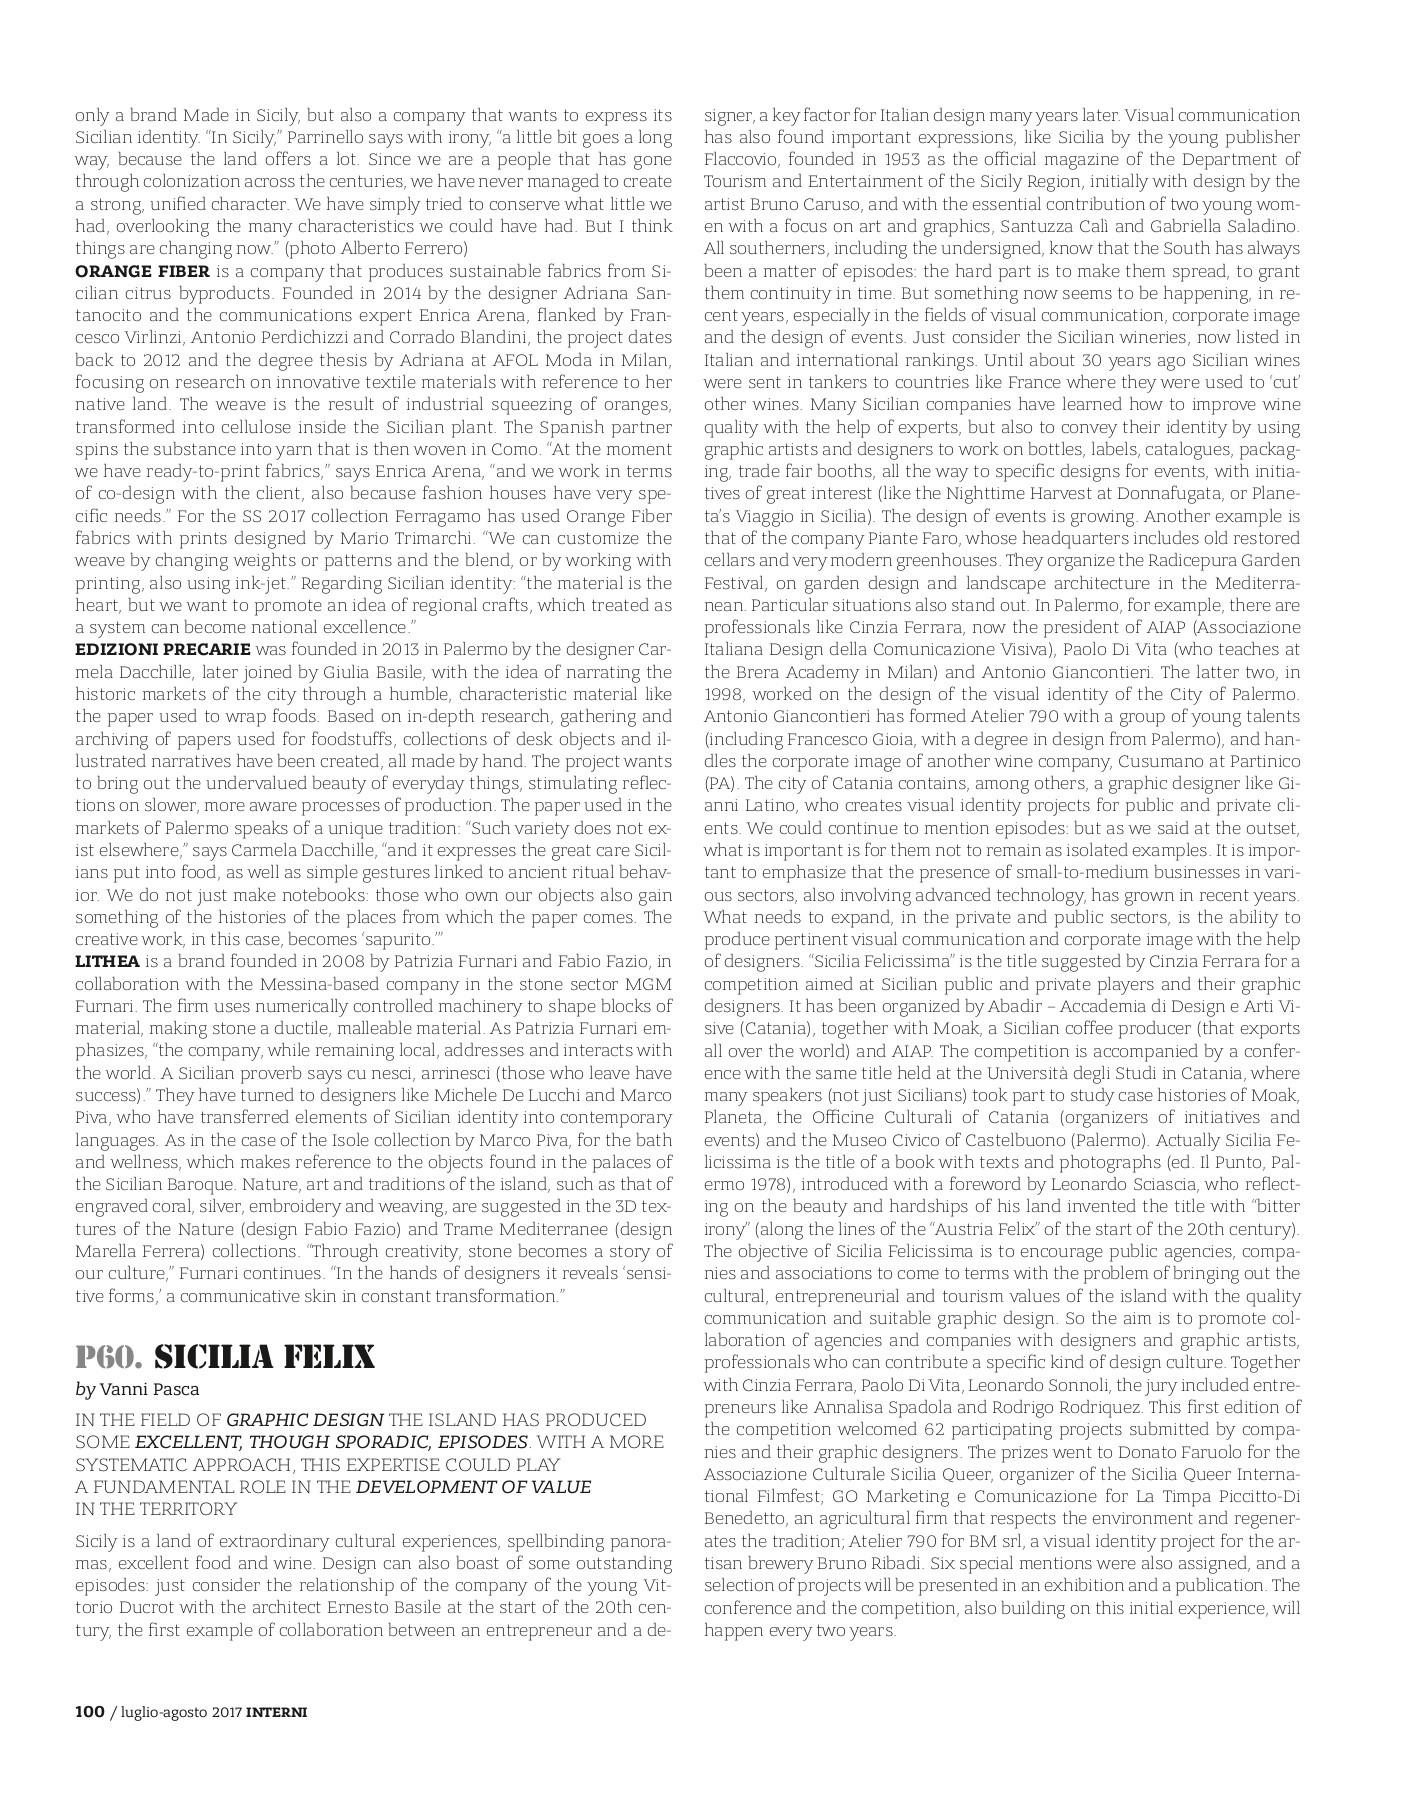 Lavoro Assistente Fotografo Catania interni italia_julaug 2017-flip book pages 201-208 | pubhtml5